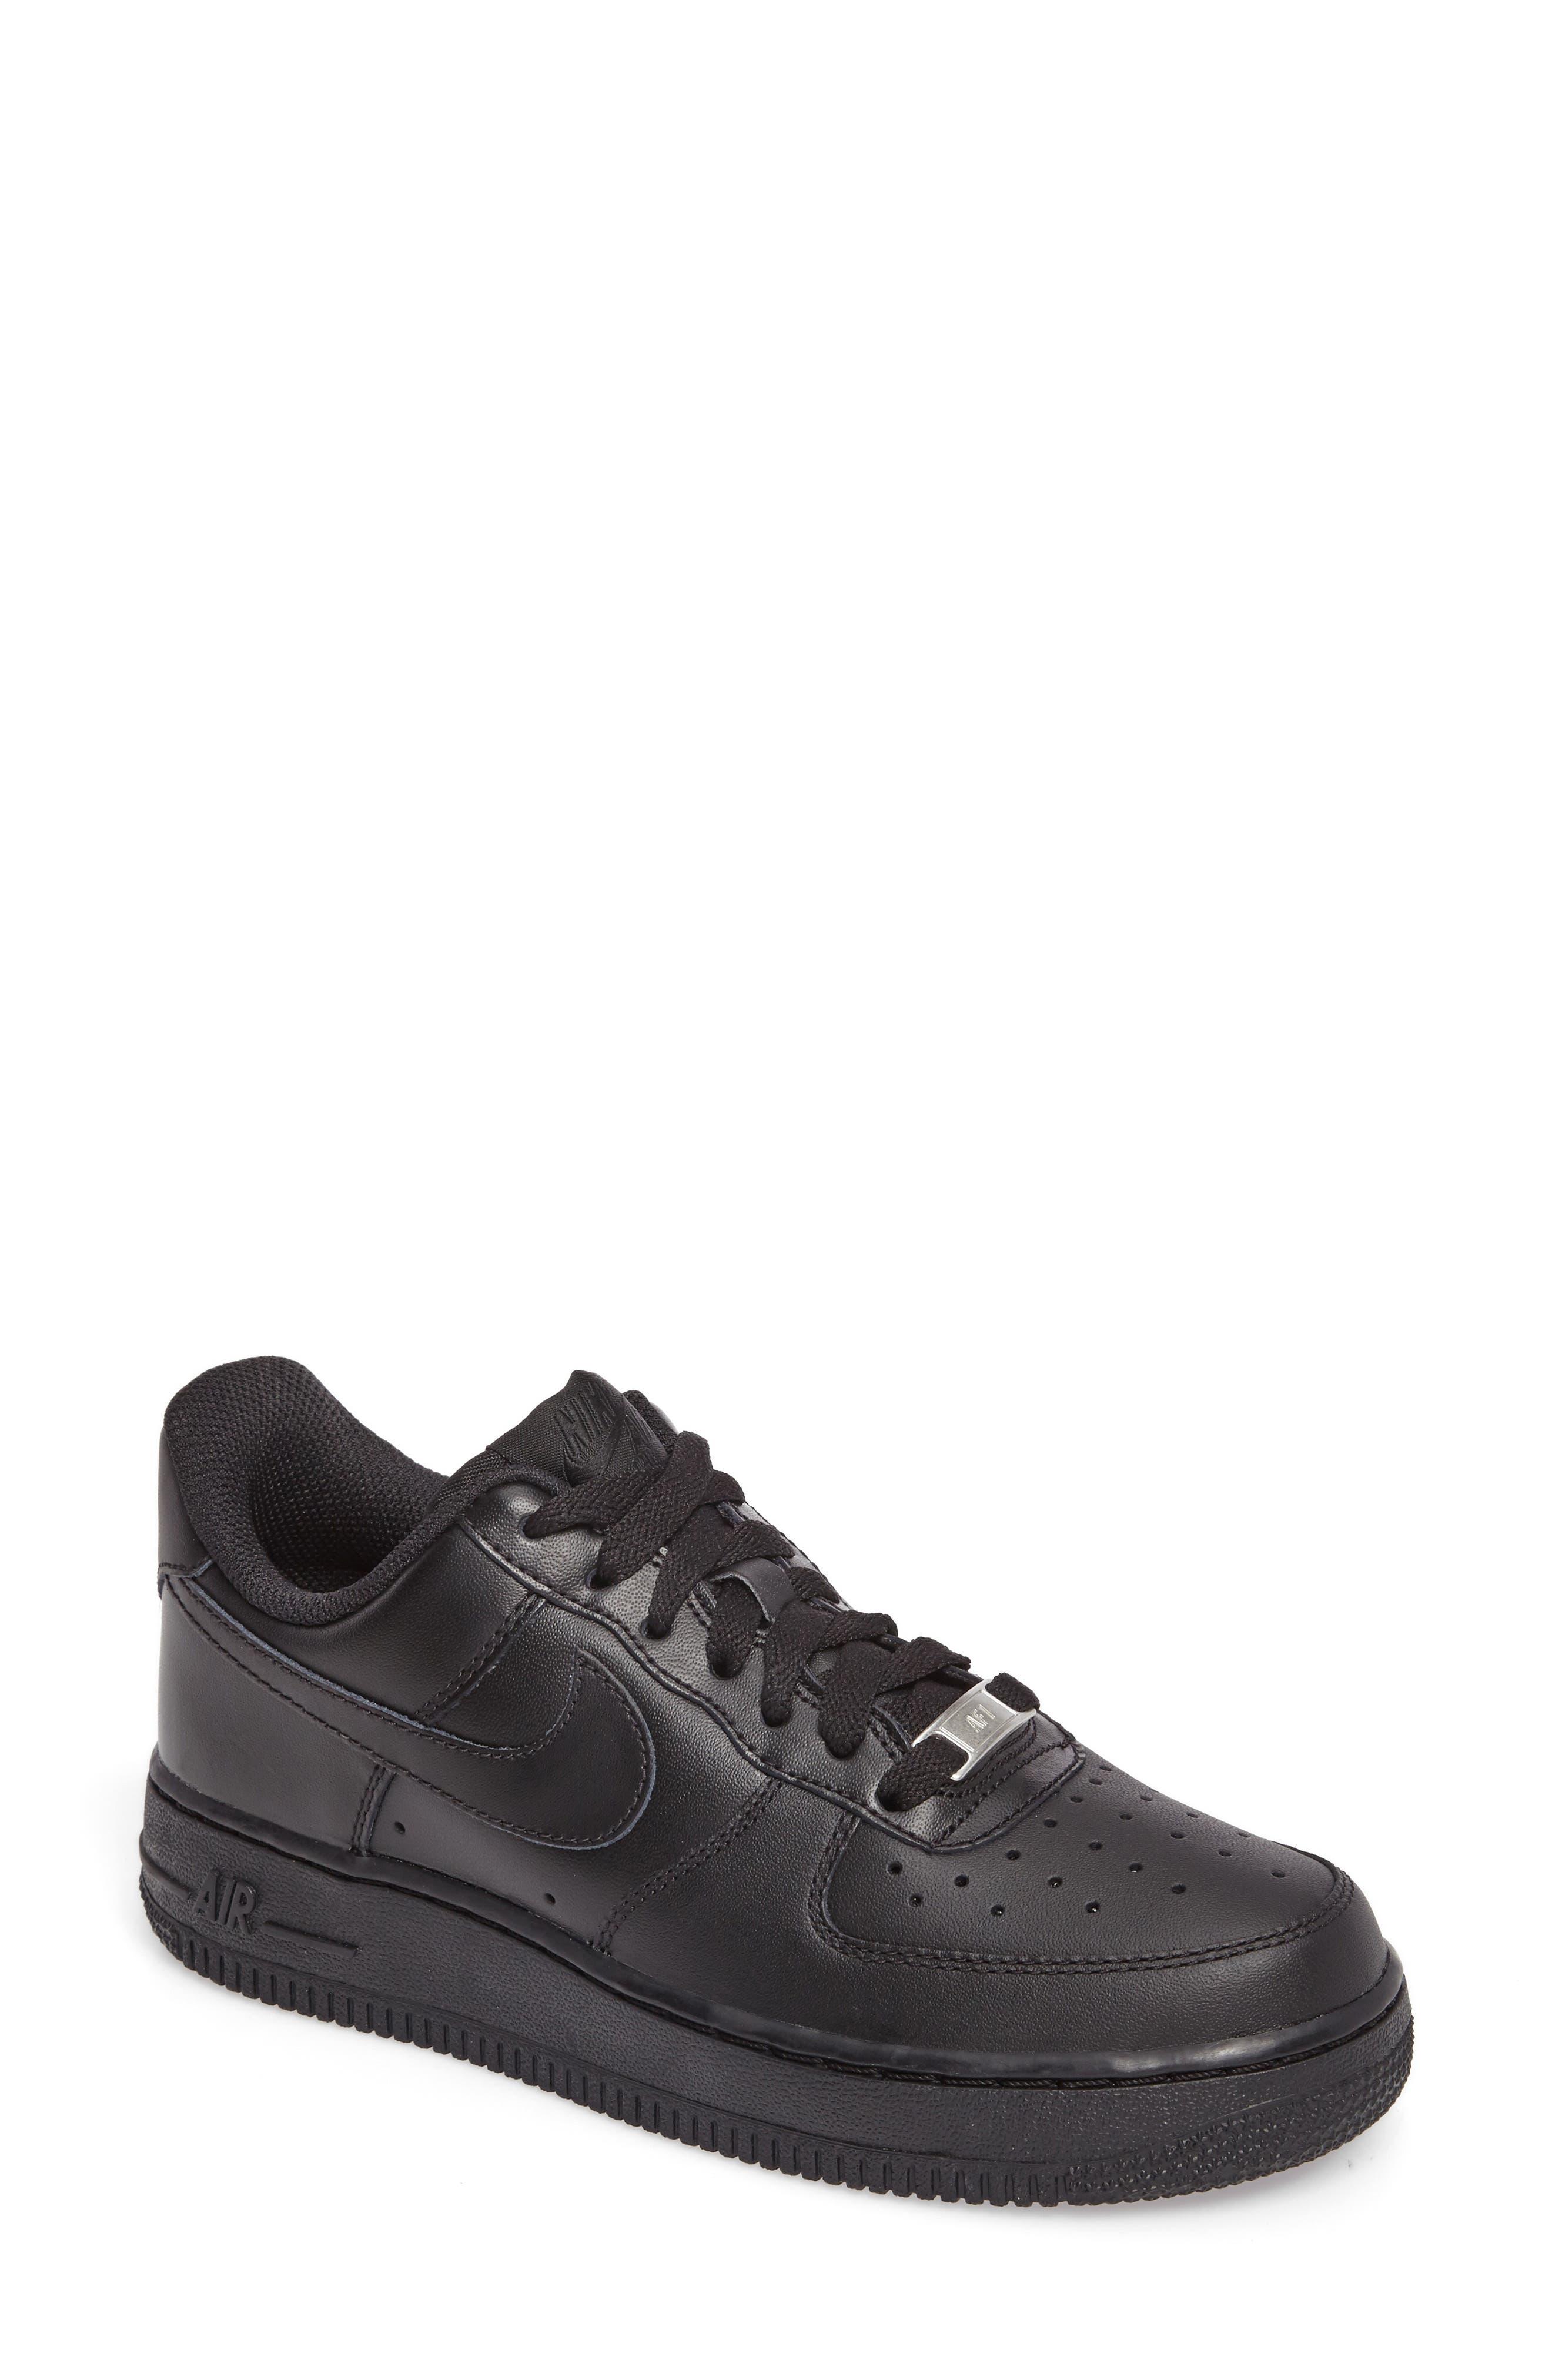 'Air Force 1' Basketball Sneaker,                         Main,                         color, BLACK/ BLACK